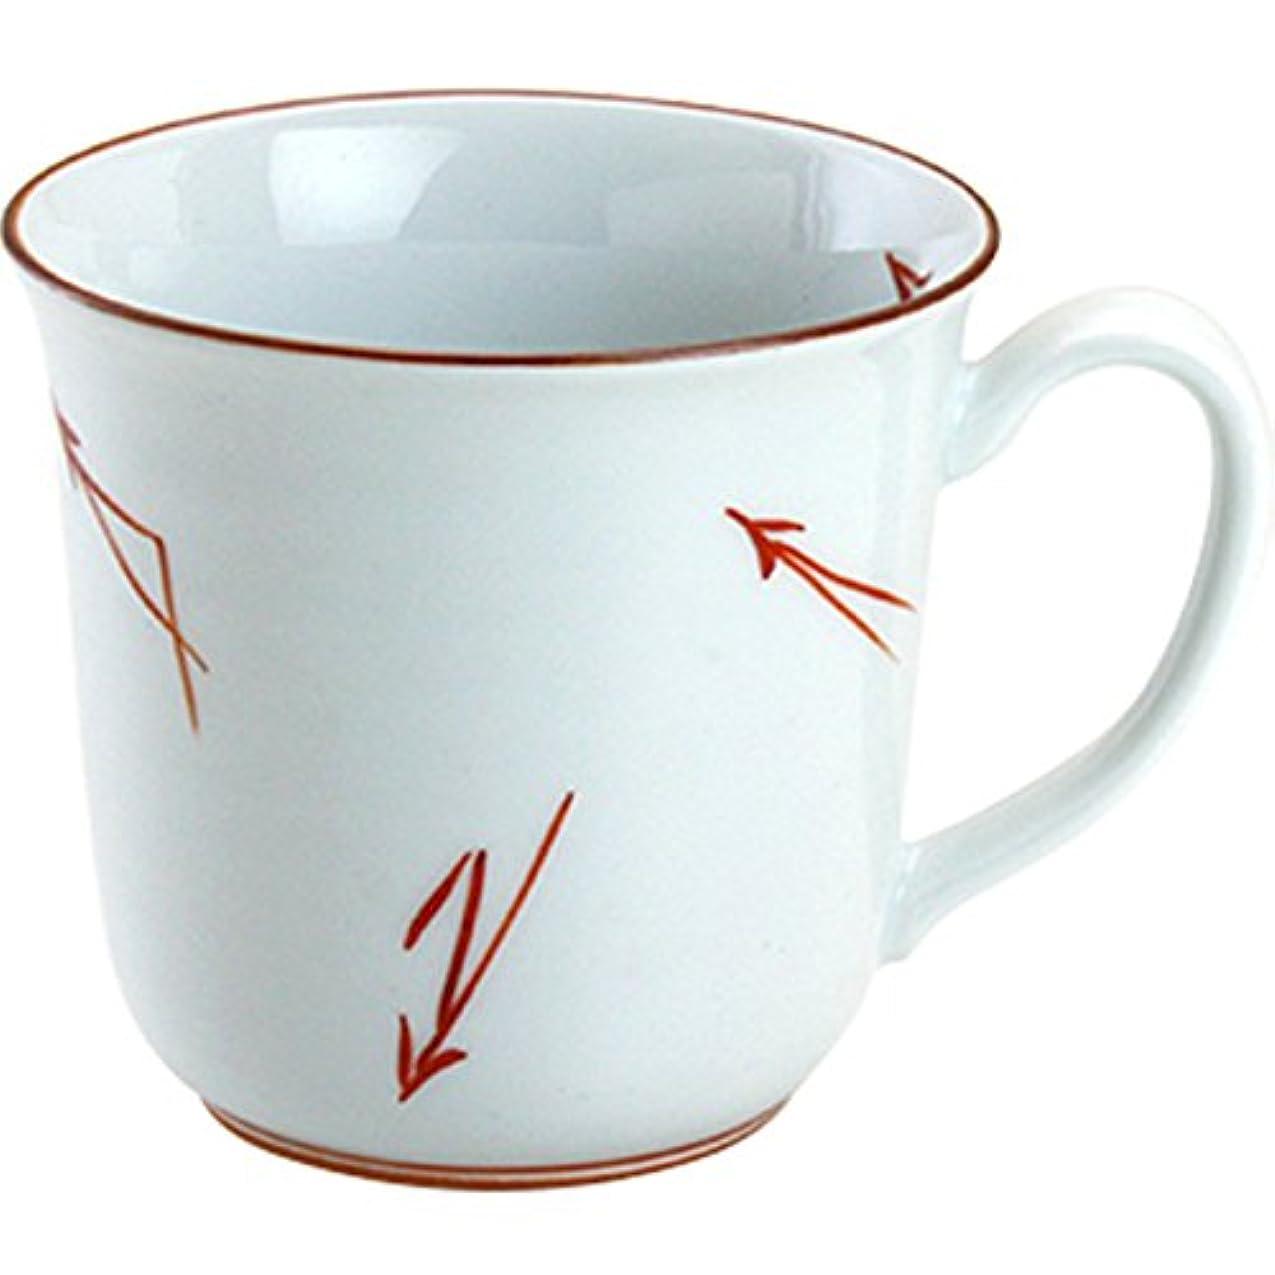 放棄する賄賂仮定、想定。推測ランチャン(Ranchant) マグカップ(赤) マルチ 11.2x9x8.6cm 染錦松葉 有田焼 日本製